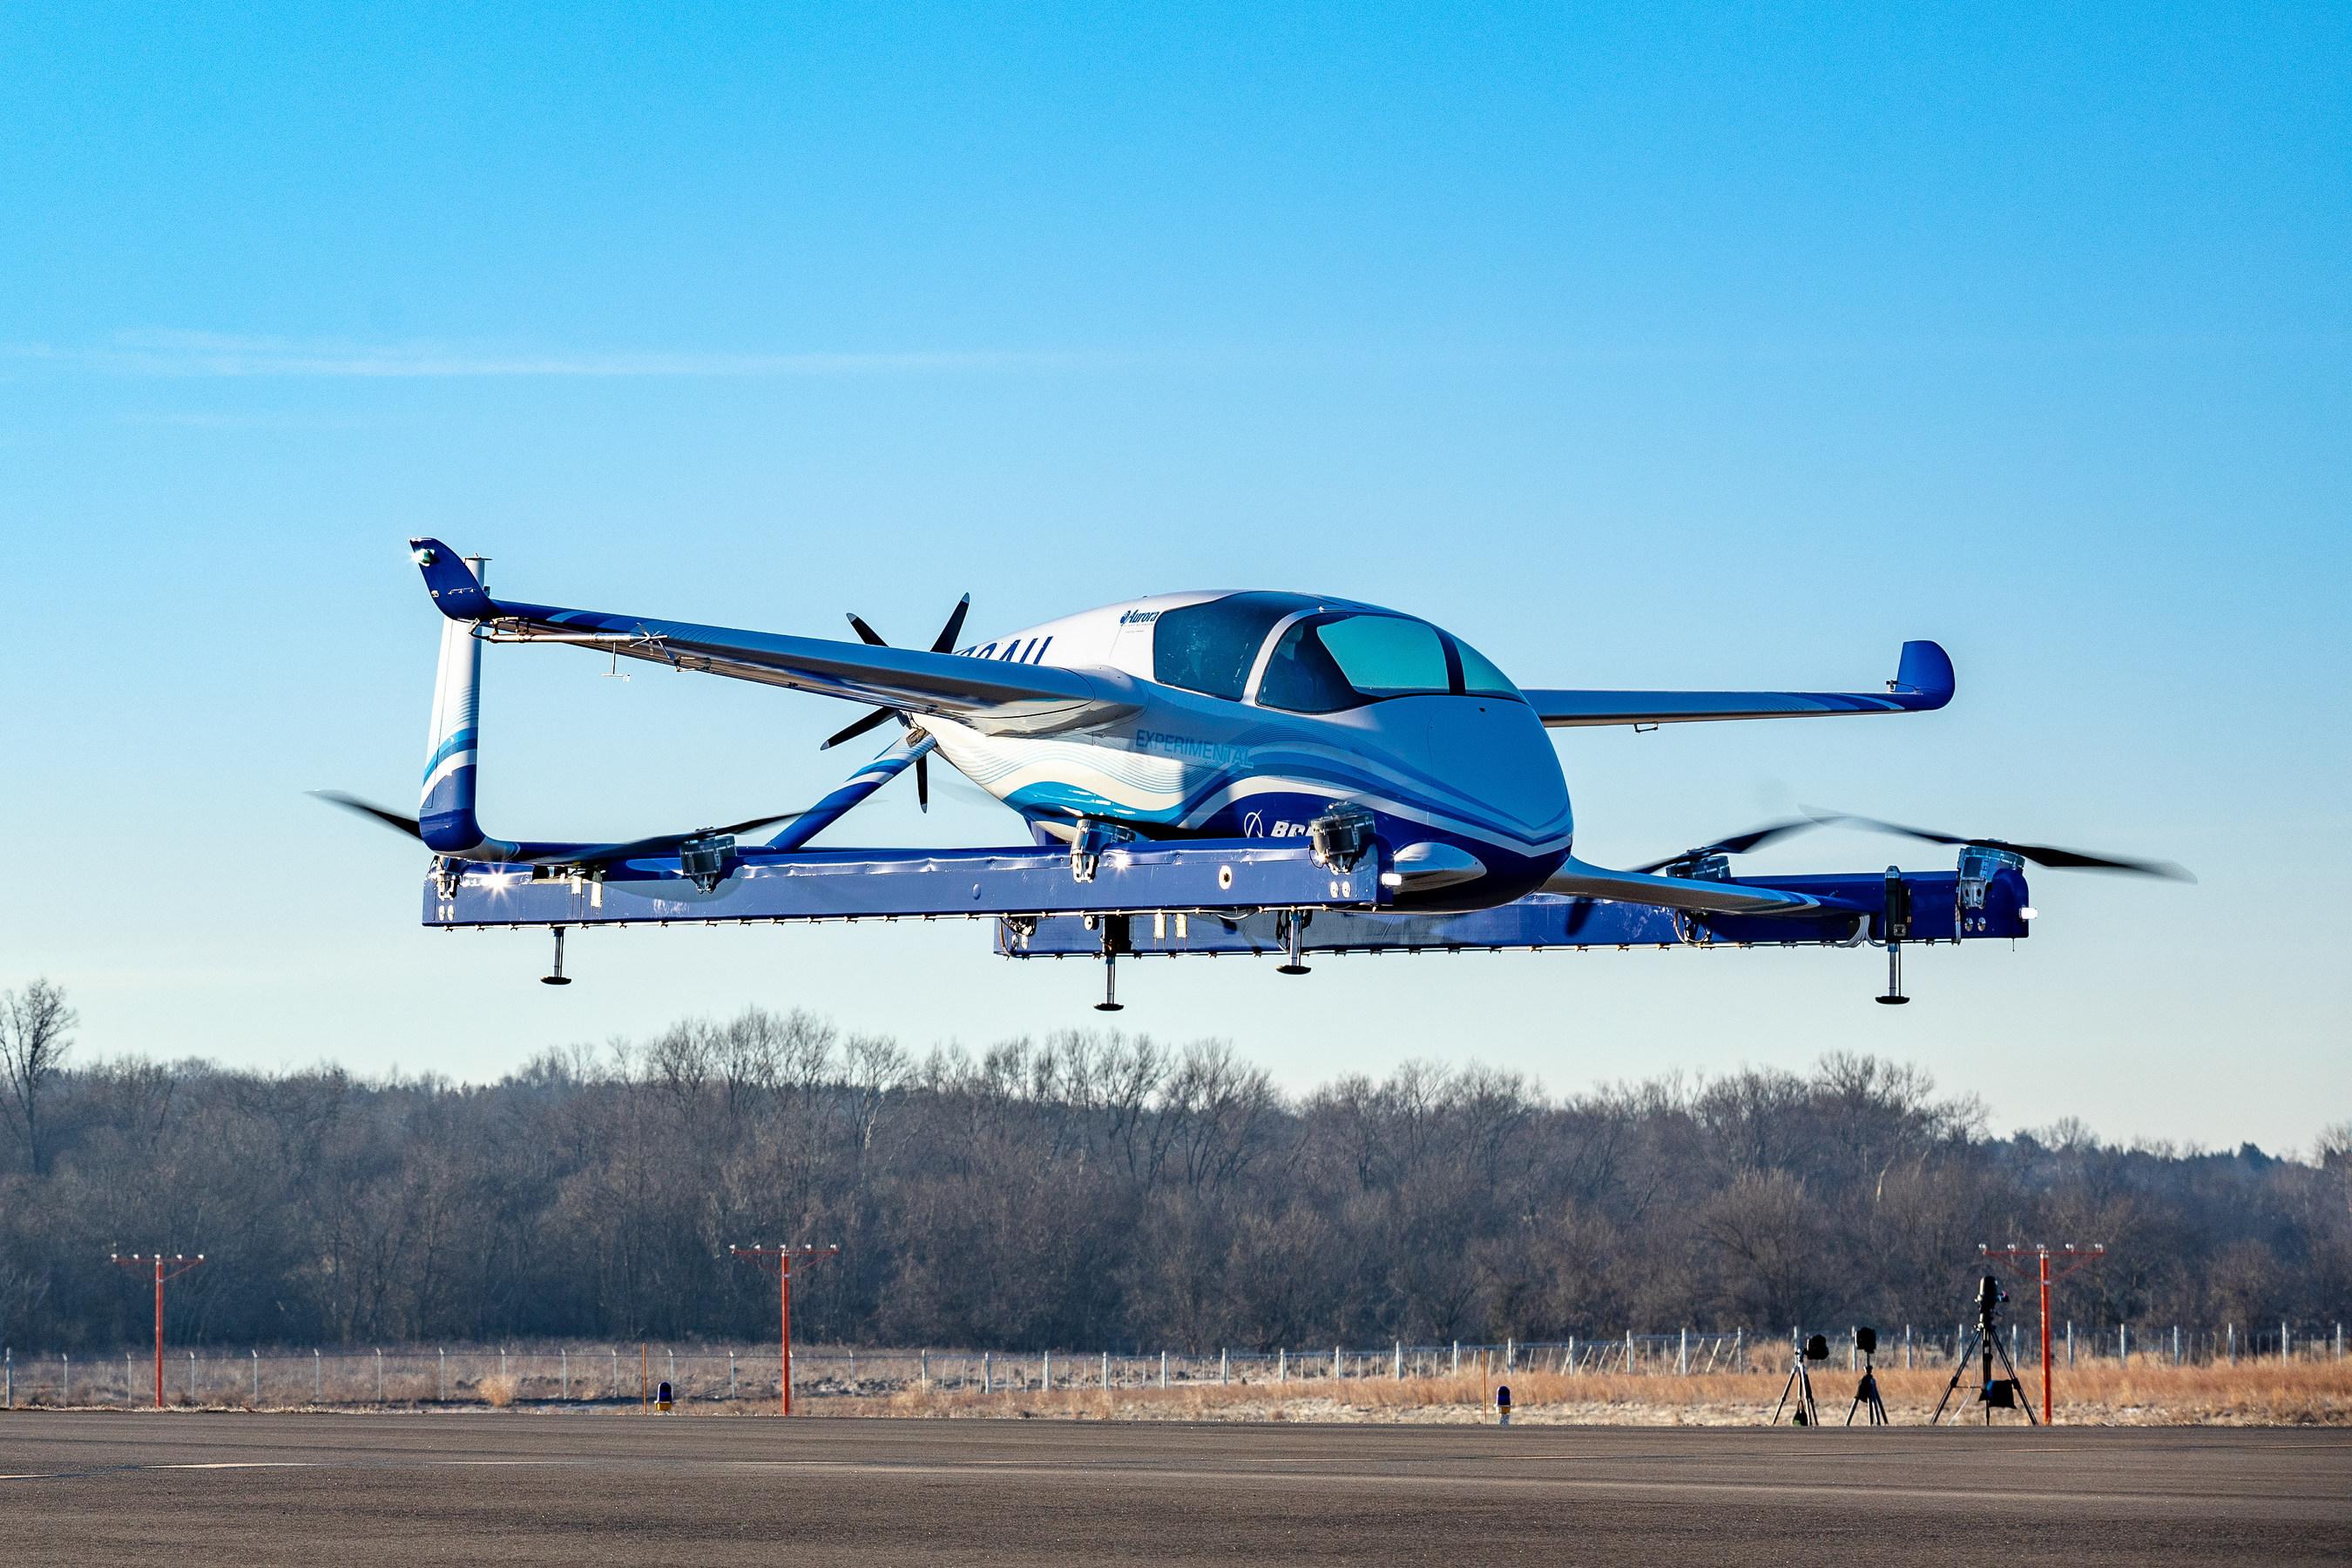 La Boeing prepara l'aereo elettrico il primo test è un successo